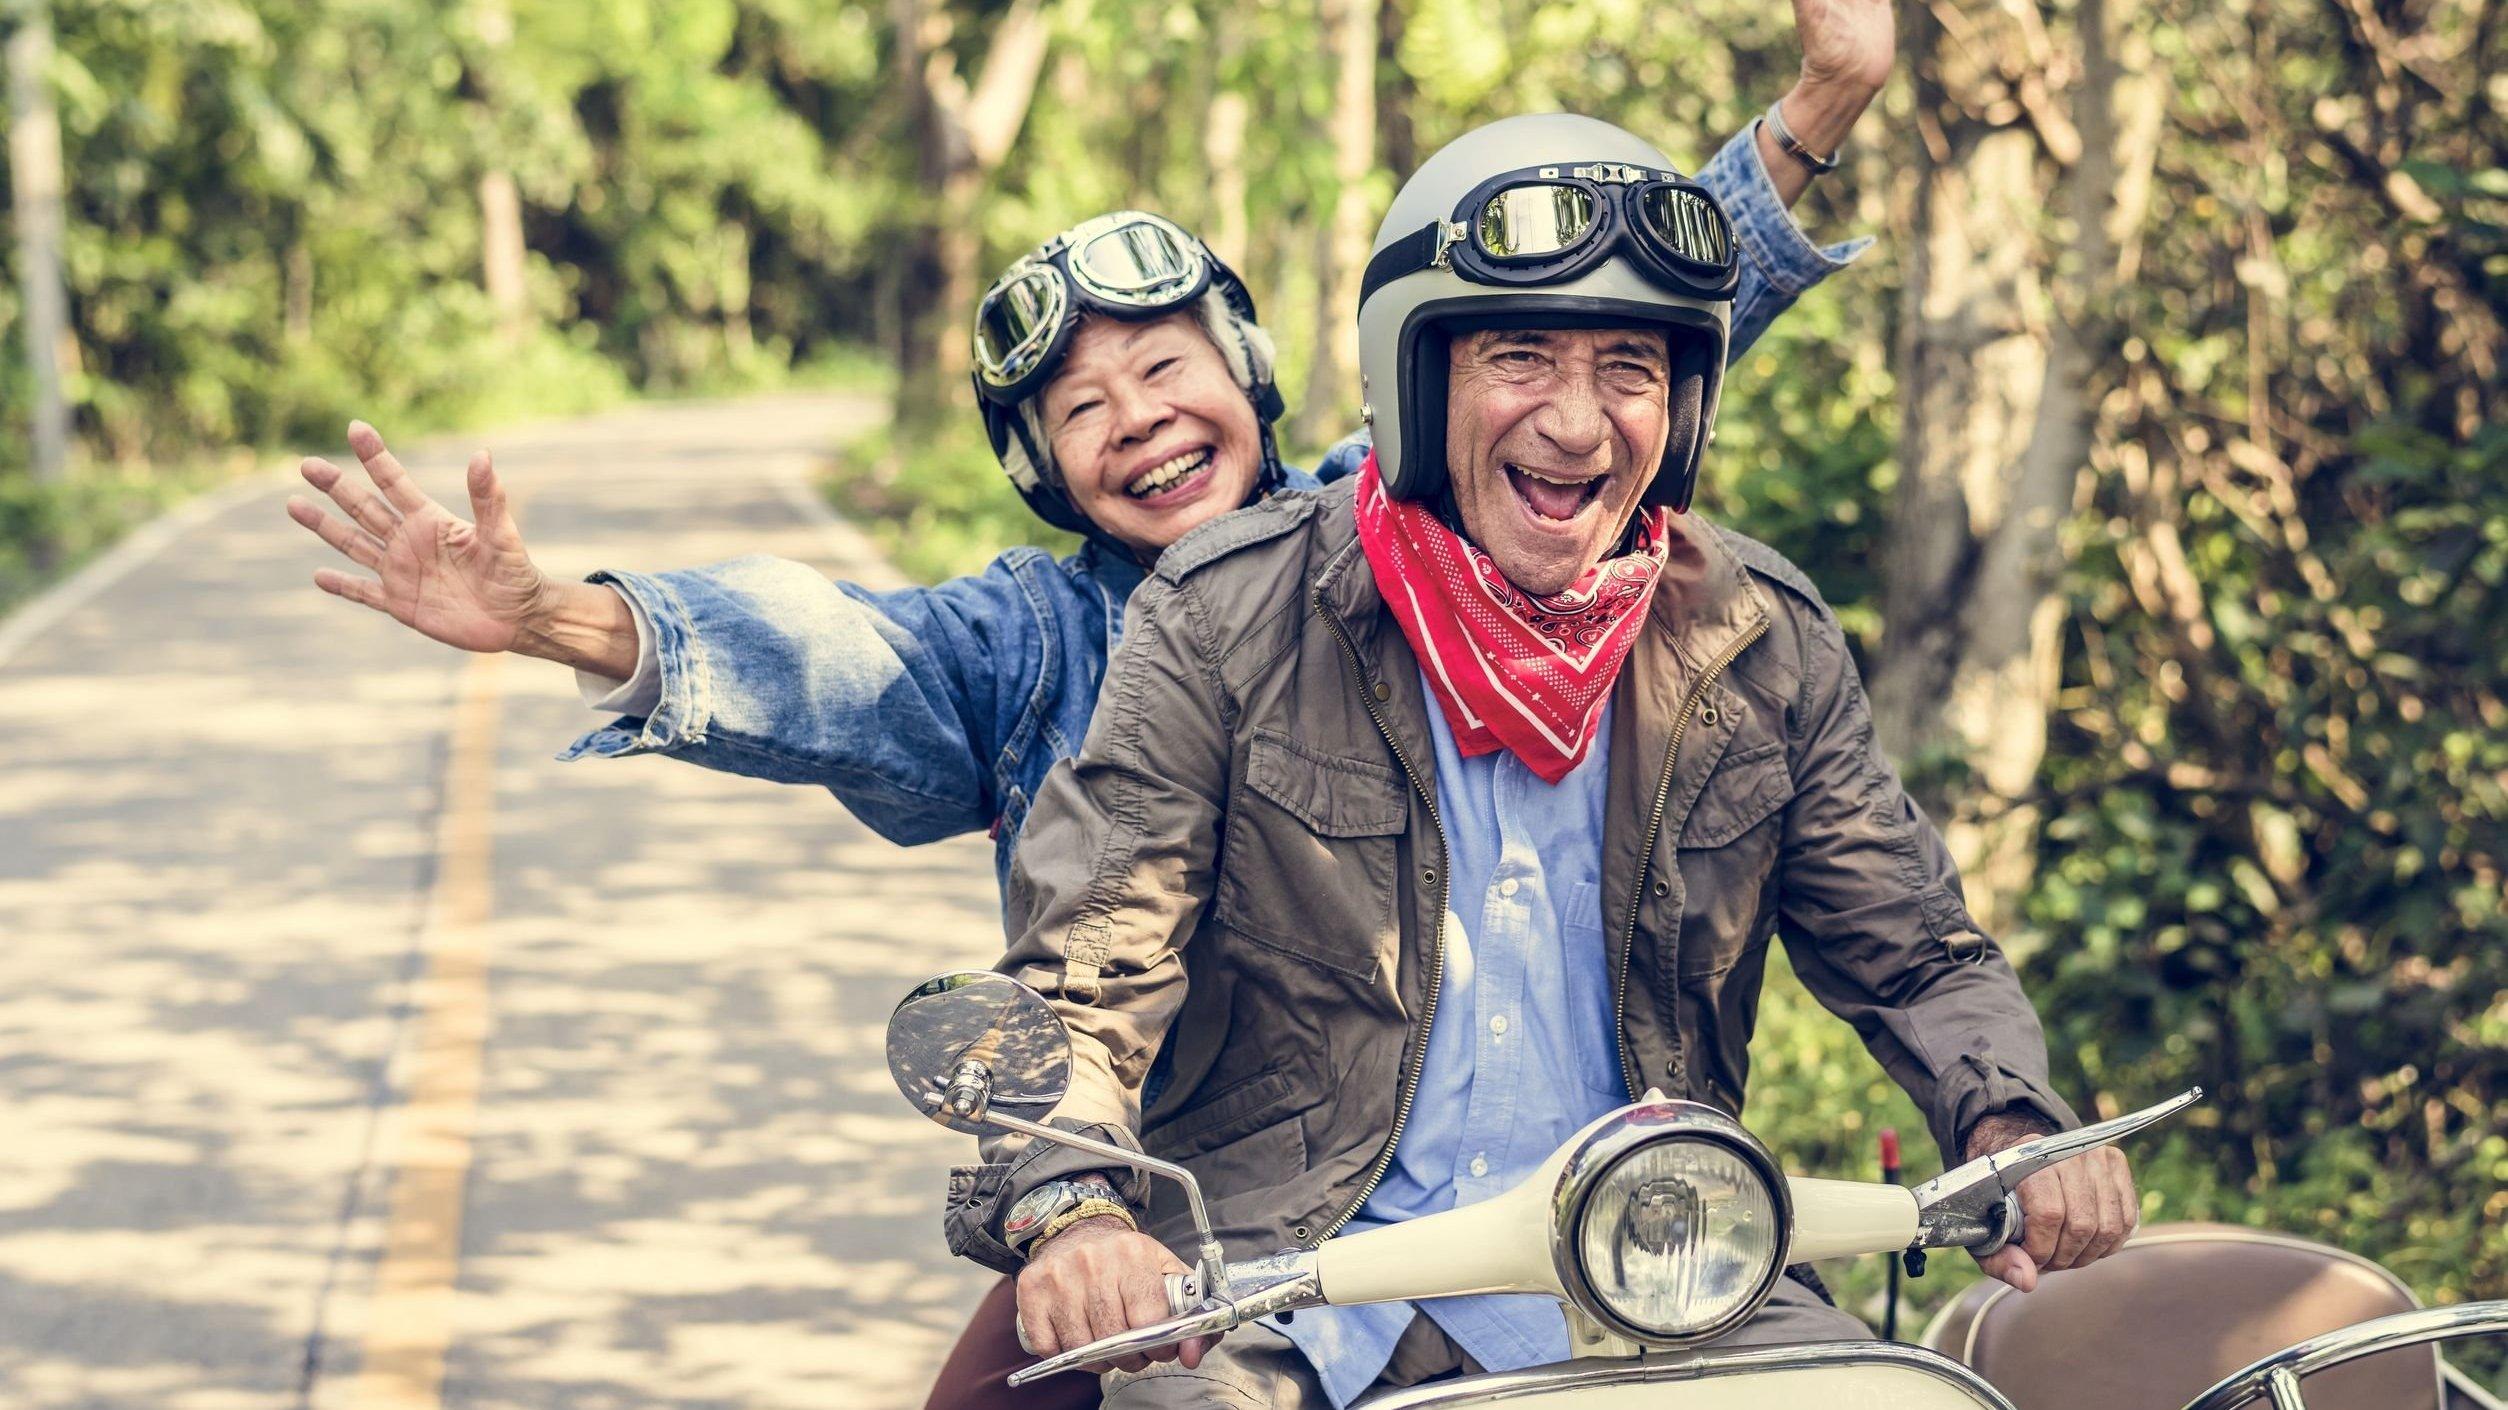 Idosos andando de motocicleta, sorrindo.